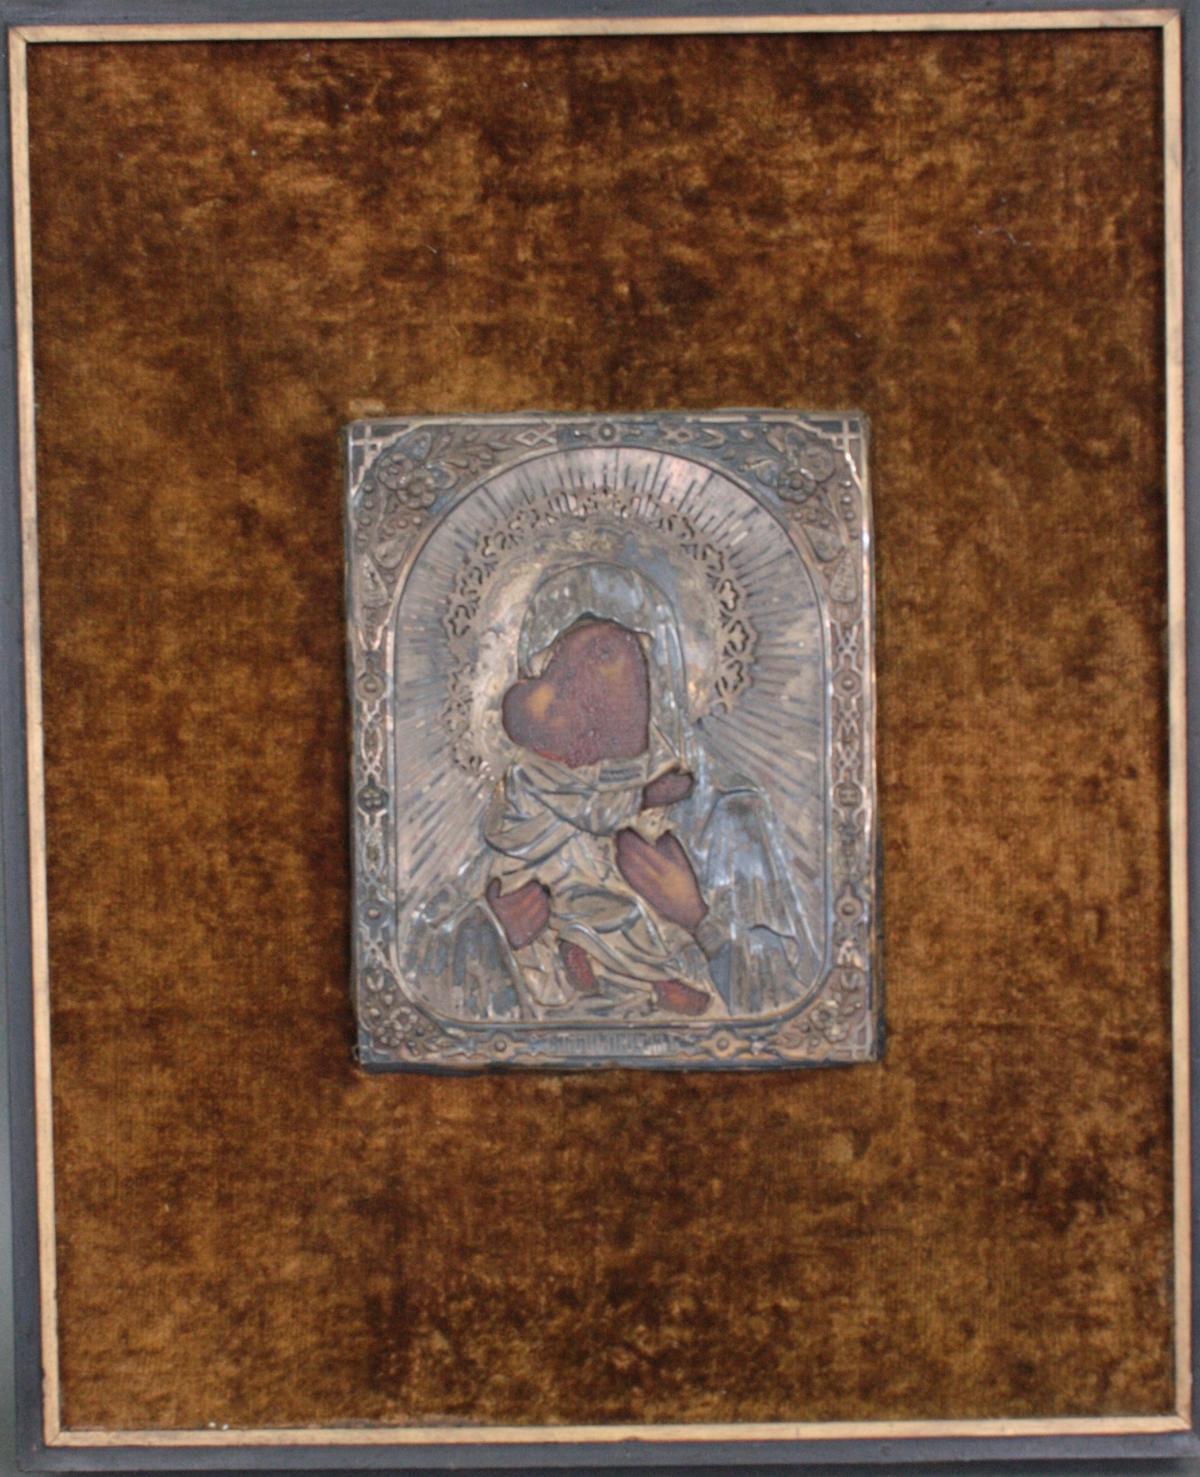 Gottesmutter von Wladimir mit Silberoklad, Moskau 19. jahrhundert